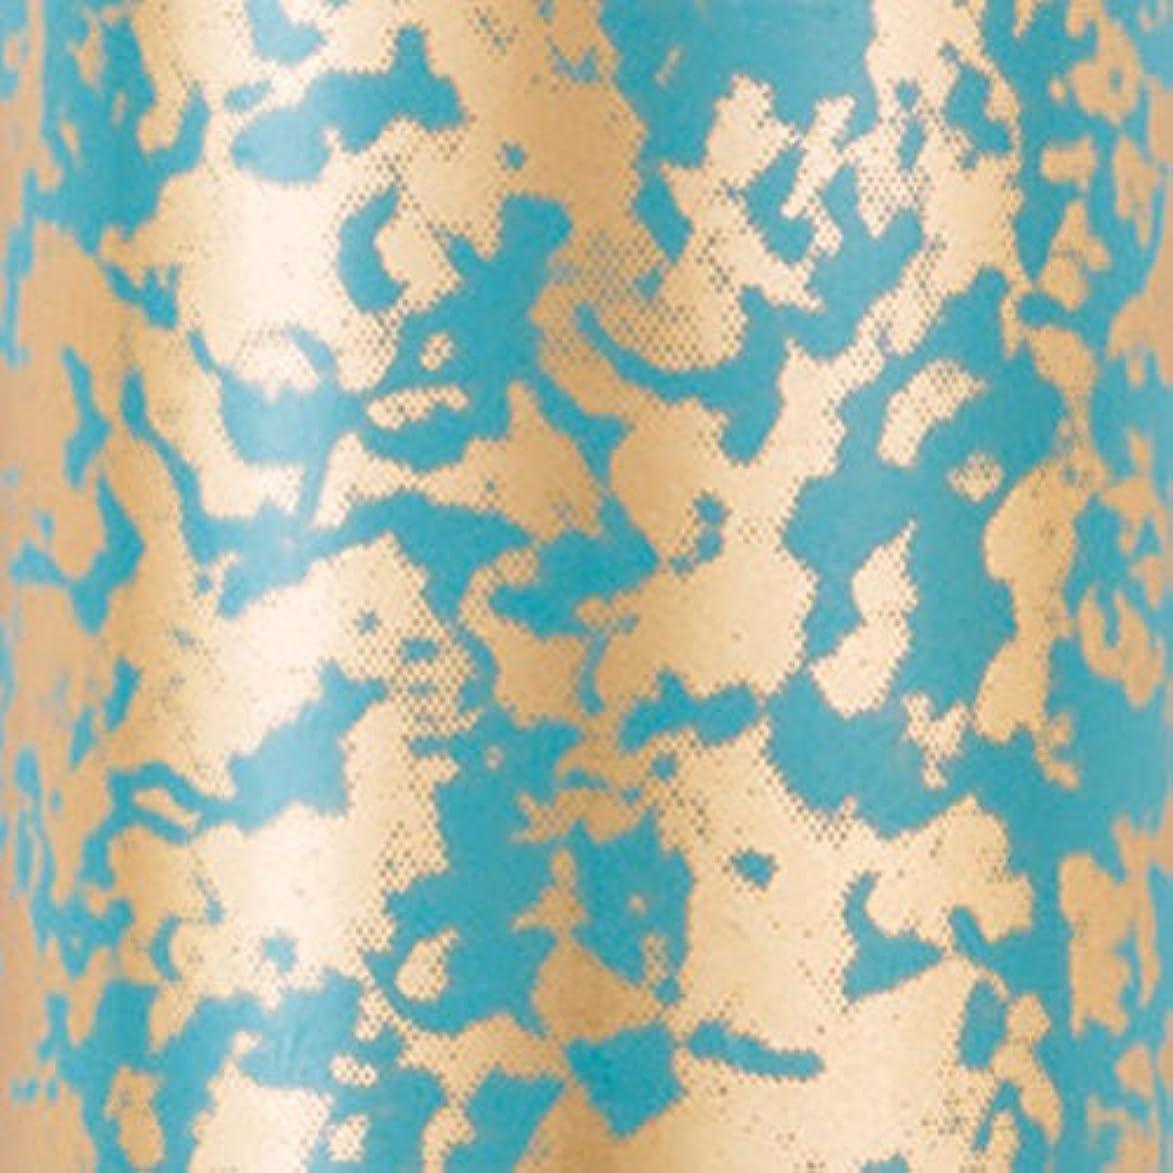 受ける代数トリクルBioSculpture ミラーフォイル ジェイド ジェルアート専用のアートツール アート材